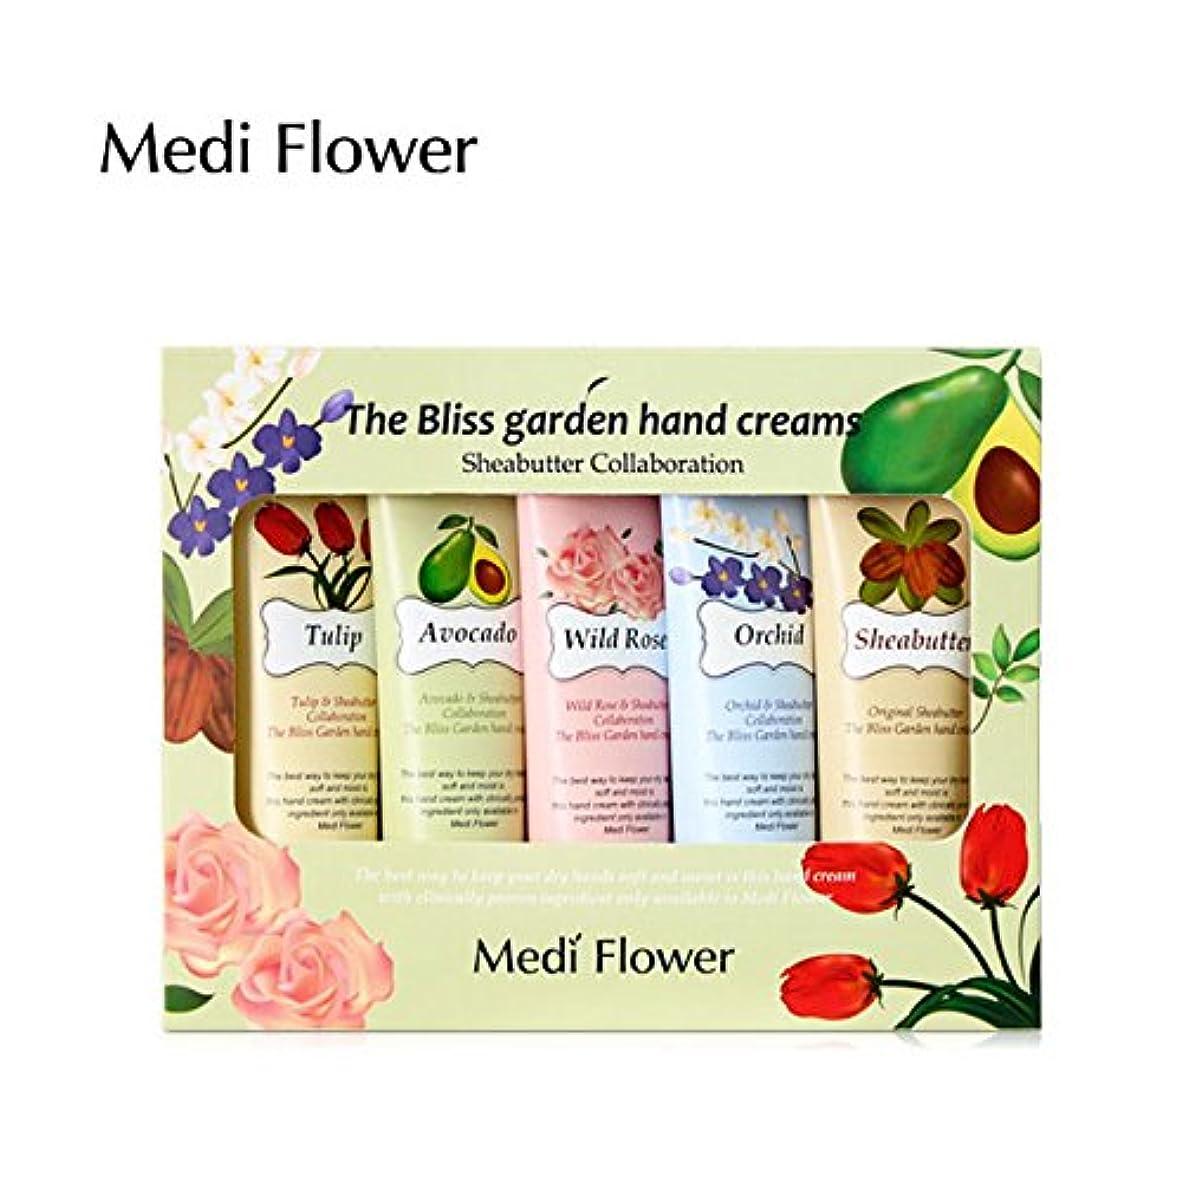 仕出します高さ境界[MediFlower] ザ?ブリスガーデン?ハンドクリーム?シアバターコラボレーション 50g x 5個セット / The Bliss Garden Hand Creams (Sheabutter Collaboration)